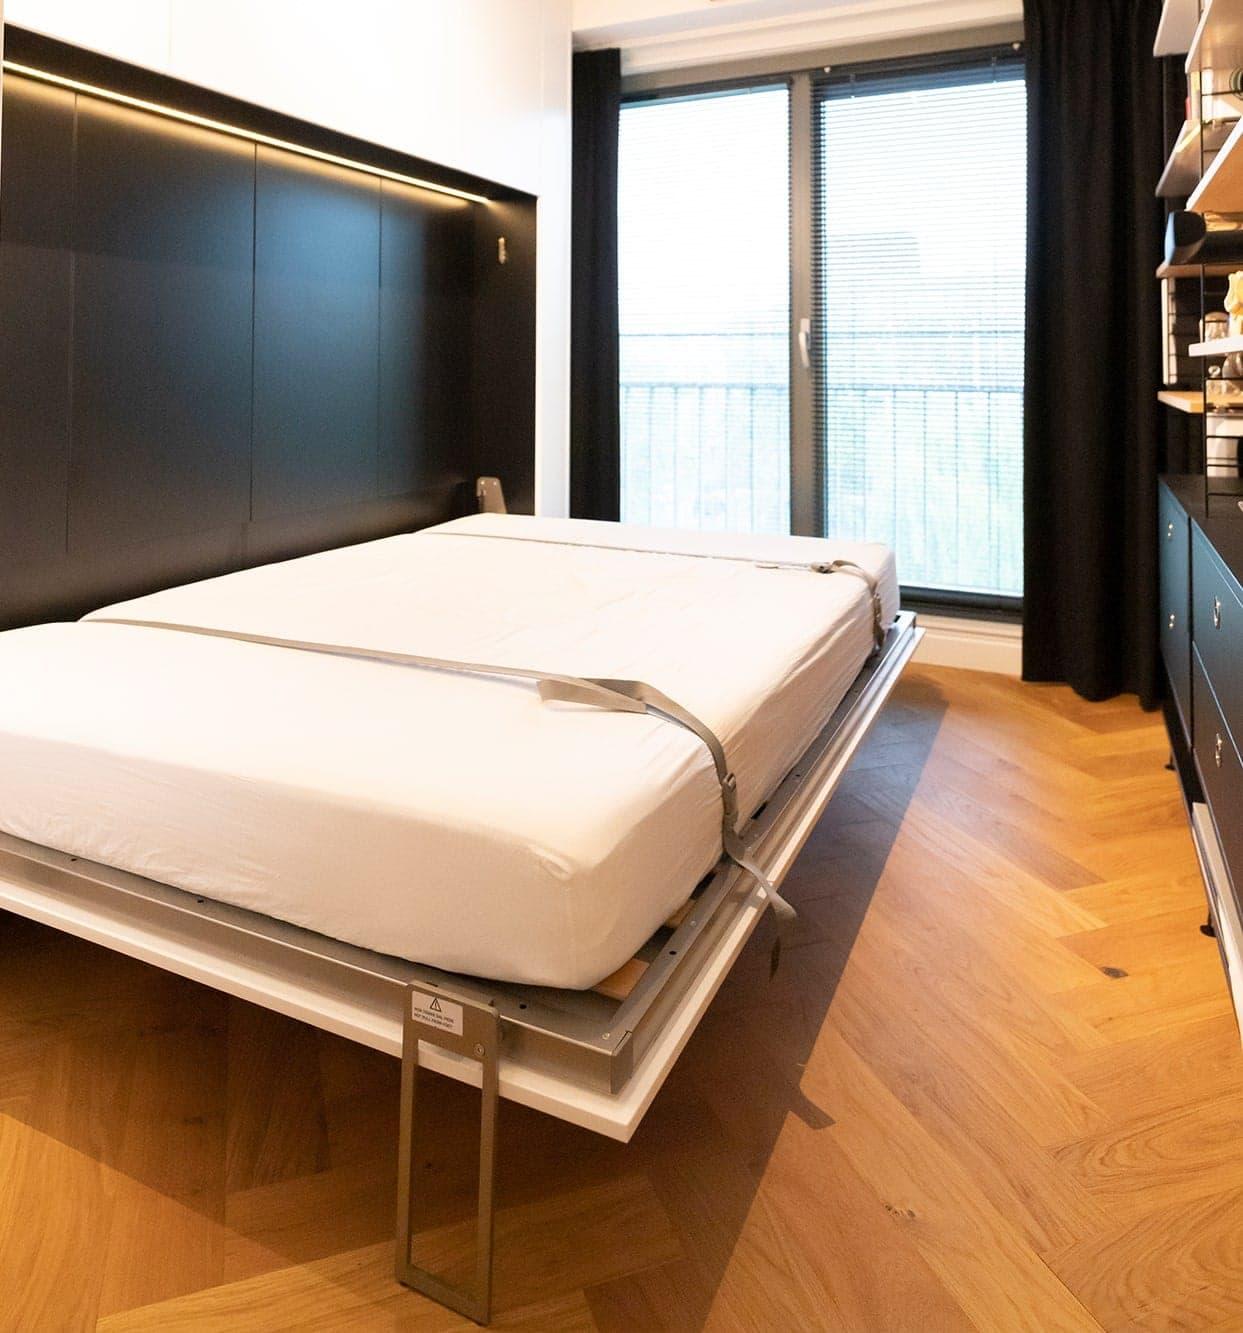 Atelier19 Inklapbed Kast Op Maat gemaakt door interieurbouwer Berkel en Rodenrijs